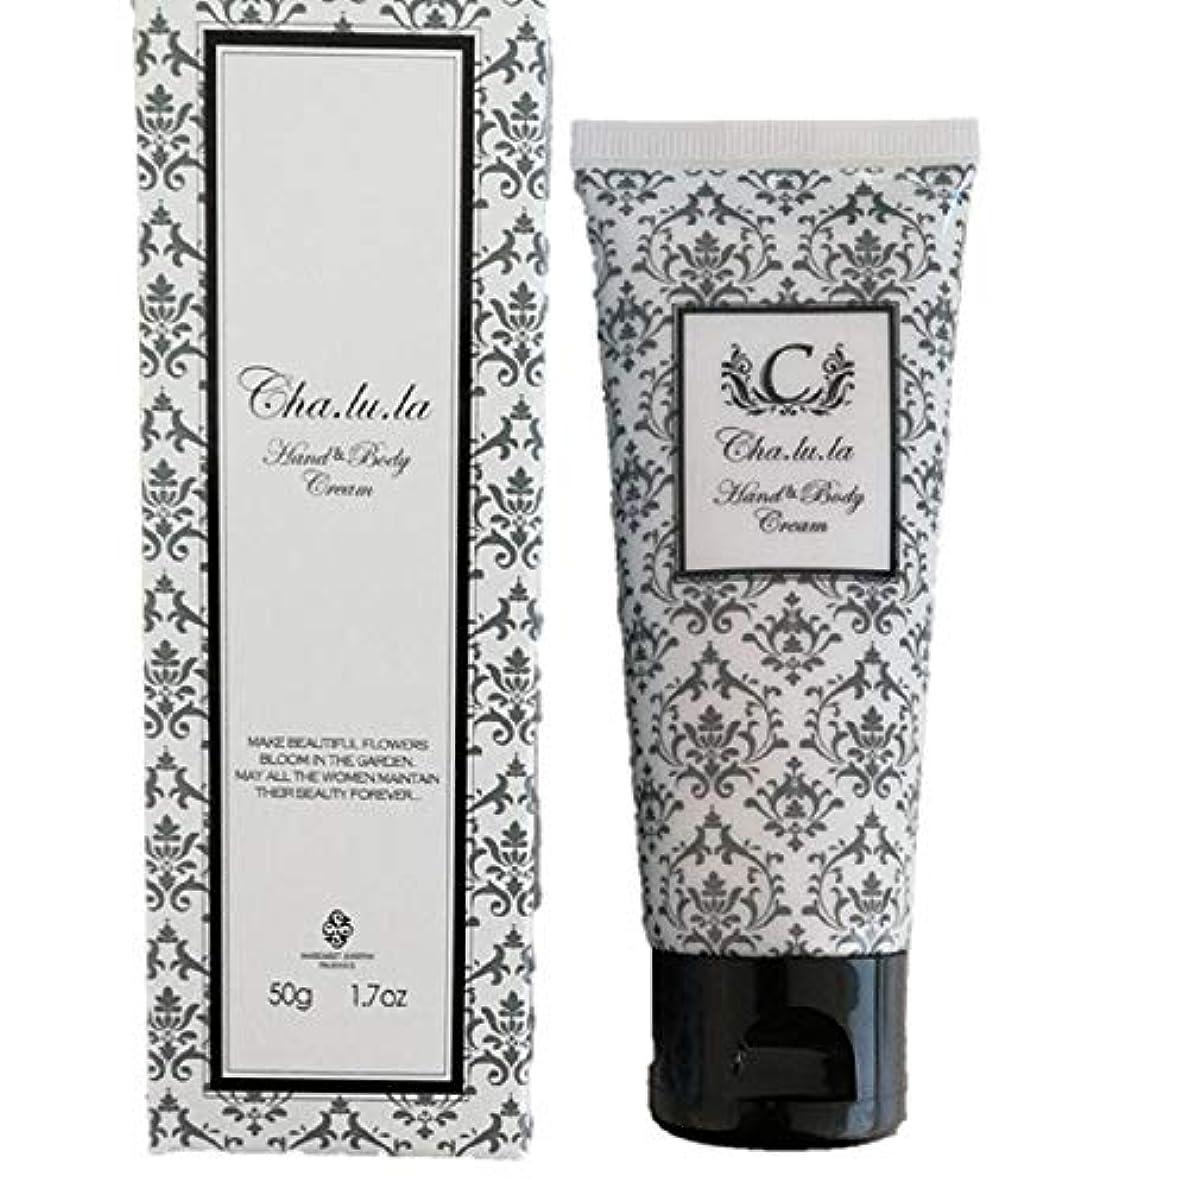 価格サイレントクレアシャルラ H&Bクリーム ノーブルブロッサムの香り ハンド&ボディークリーム 50g